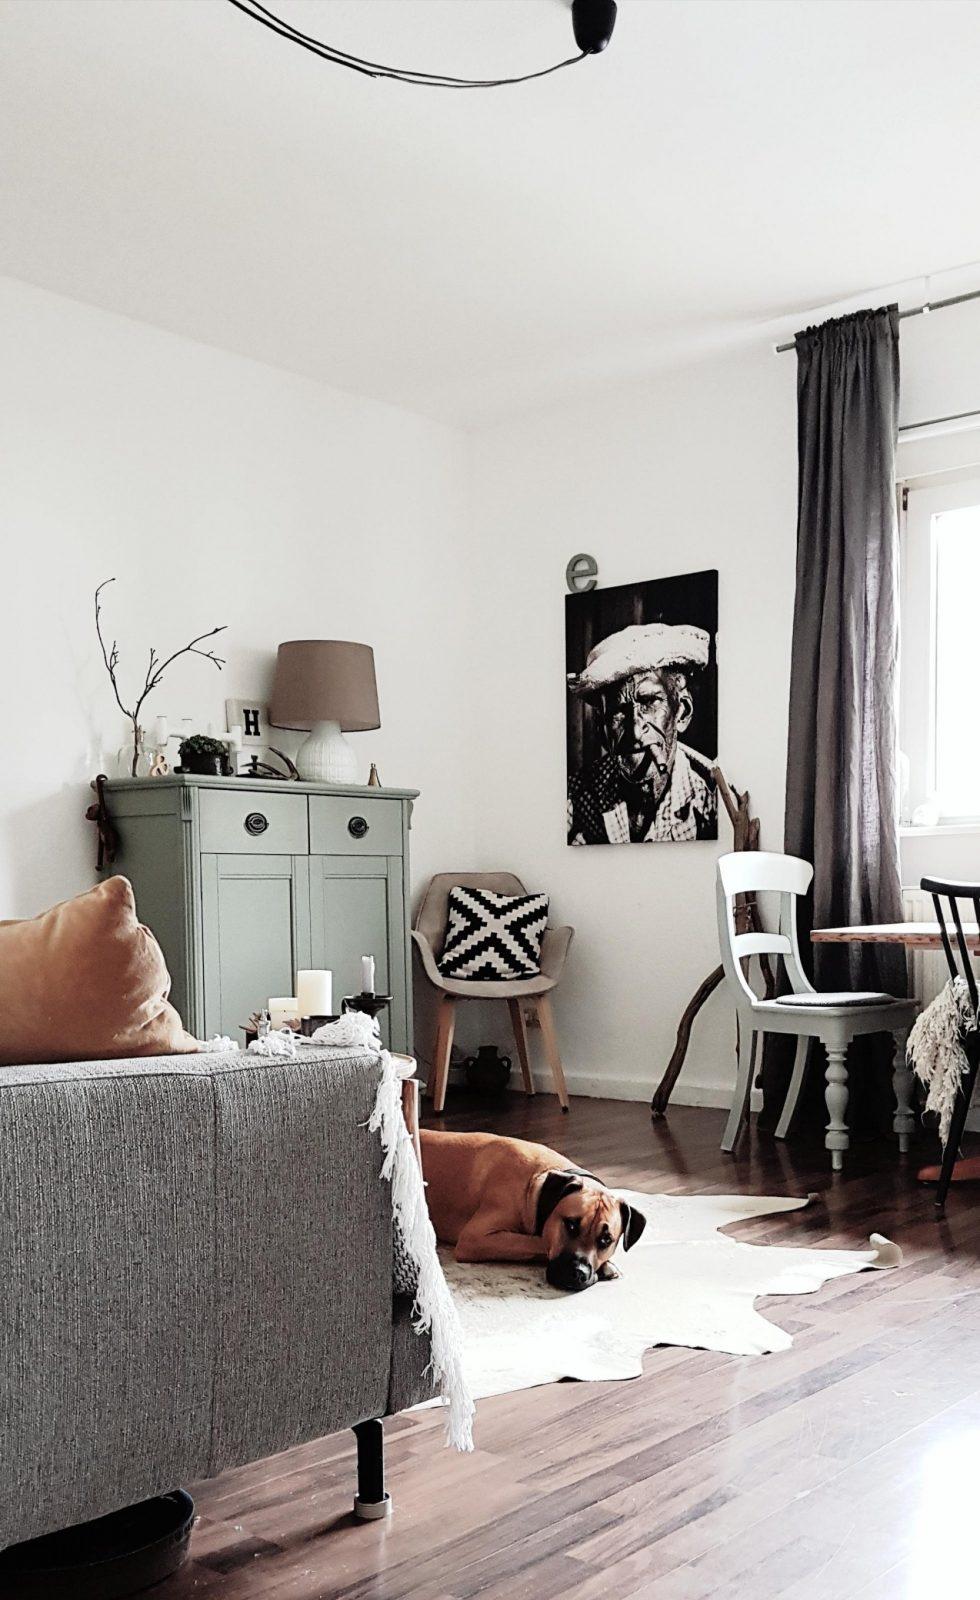 Kleine Räume Größer Machen So Geht's von Kleine Räume Richtig Einrichten Bild